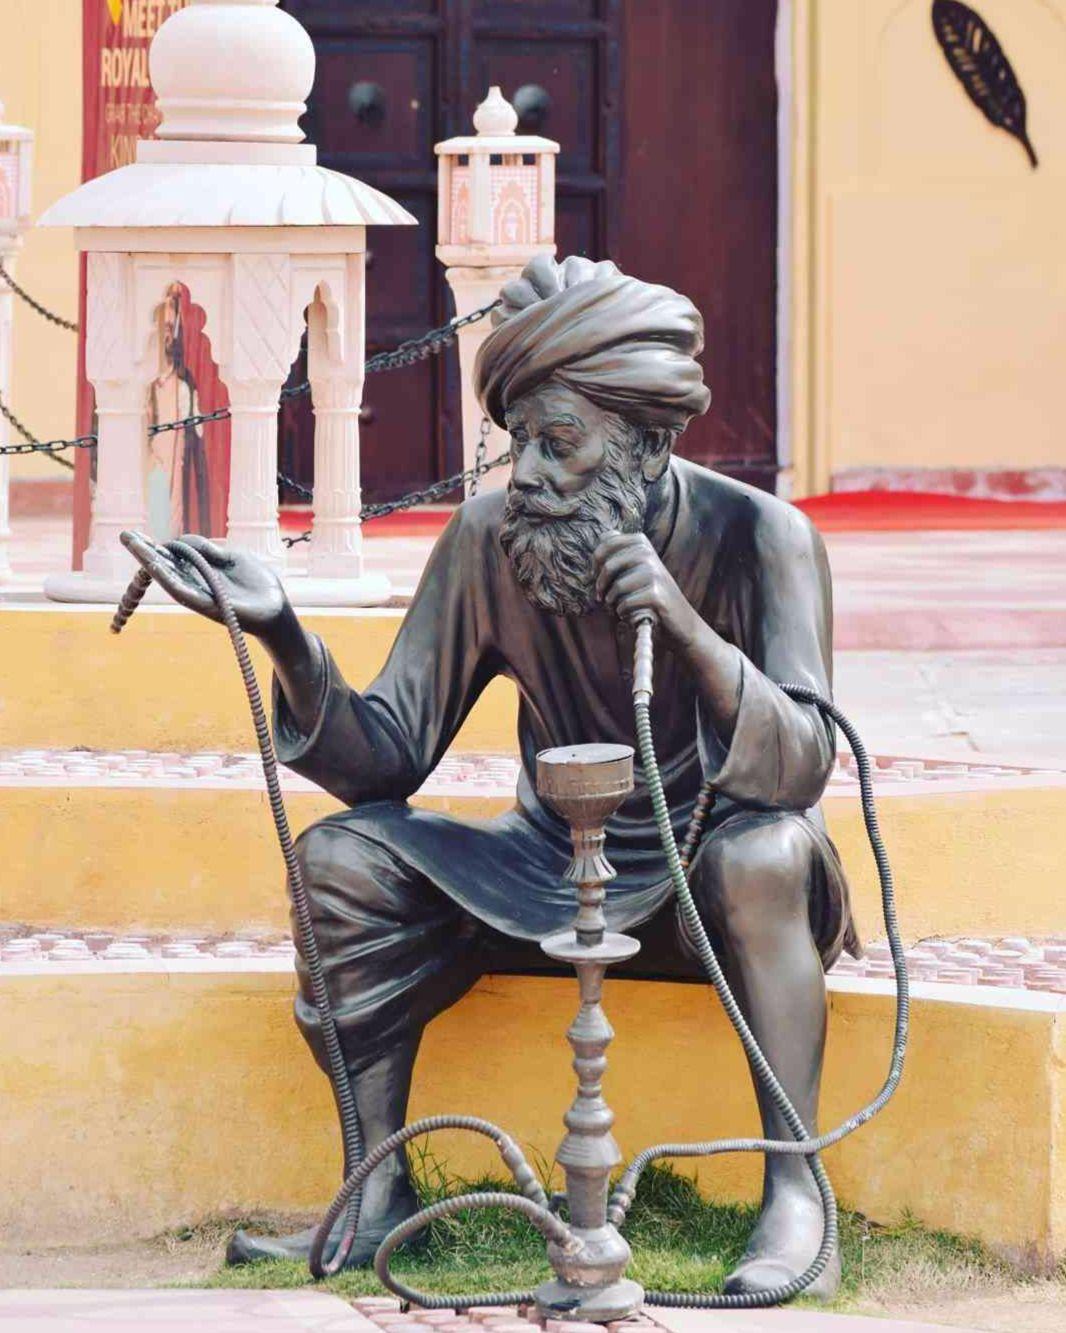 #thehookahguy #waxstatue #jaipur_wax_museum #jaipurwaxmuseum #jwm #jaipur #rajasthan